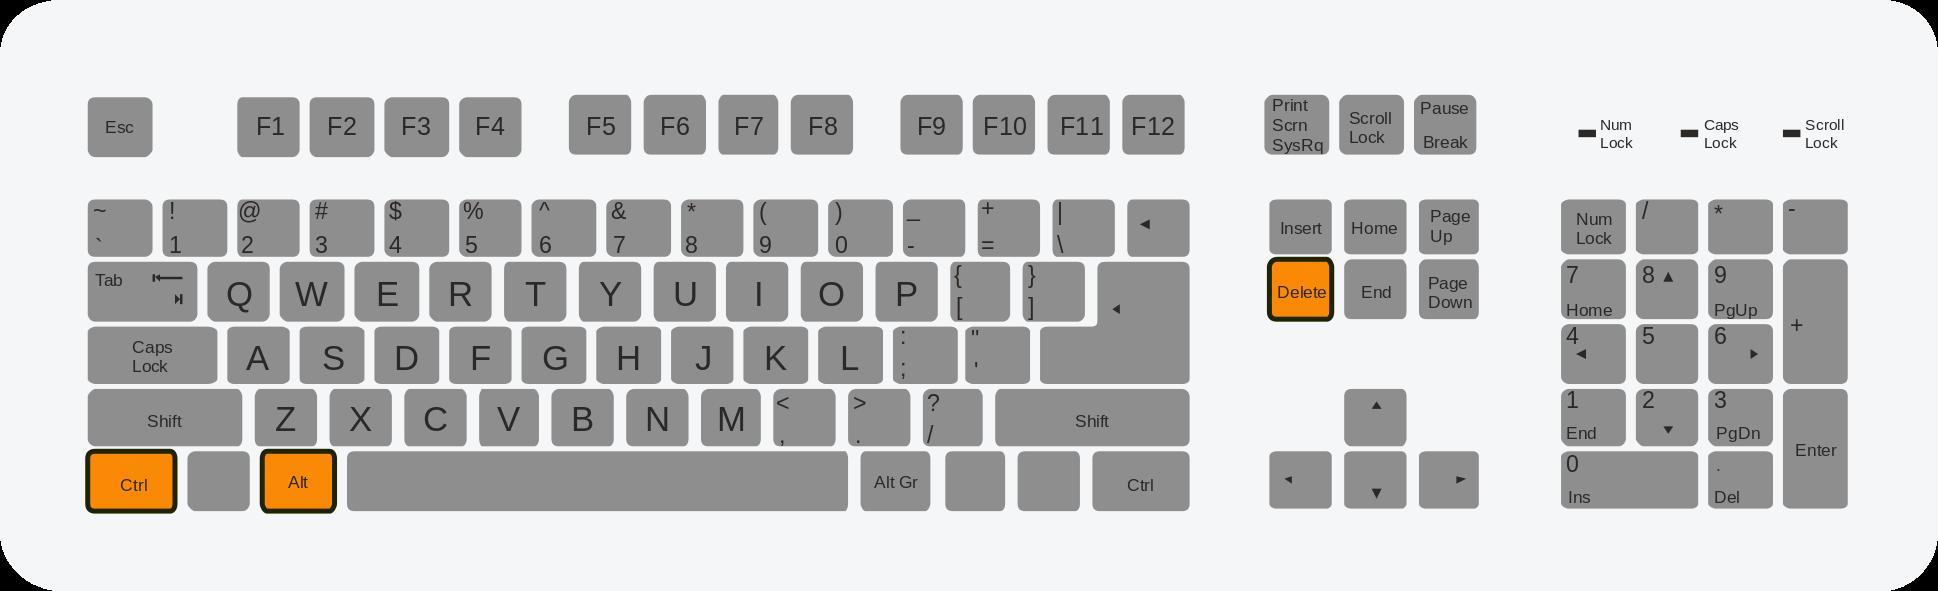 صورة لوحة المفاتيح